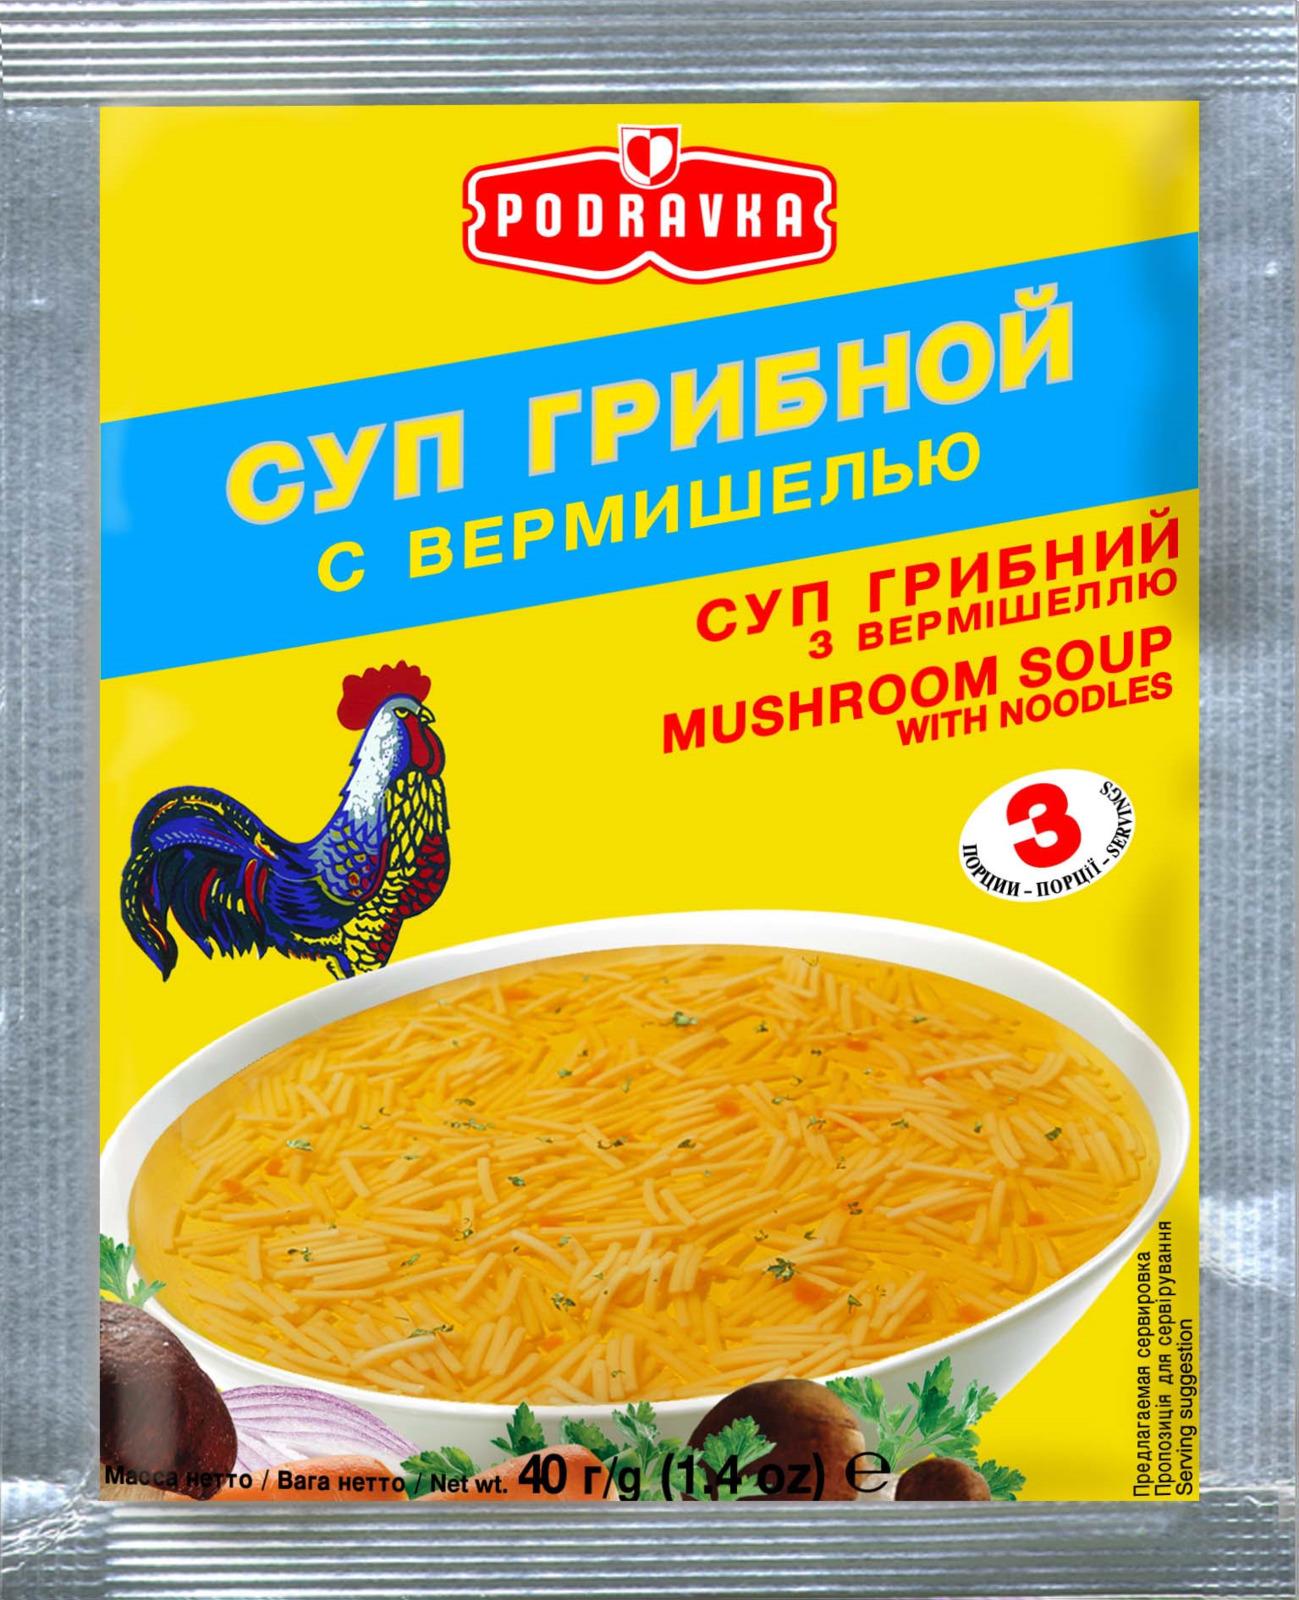 Podravka Суп грибной с вермишелью быстрого приготовления, 5 пакетов по 40 г